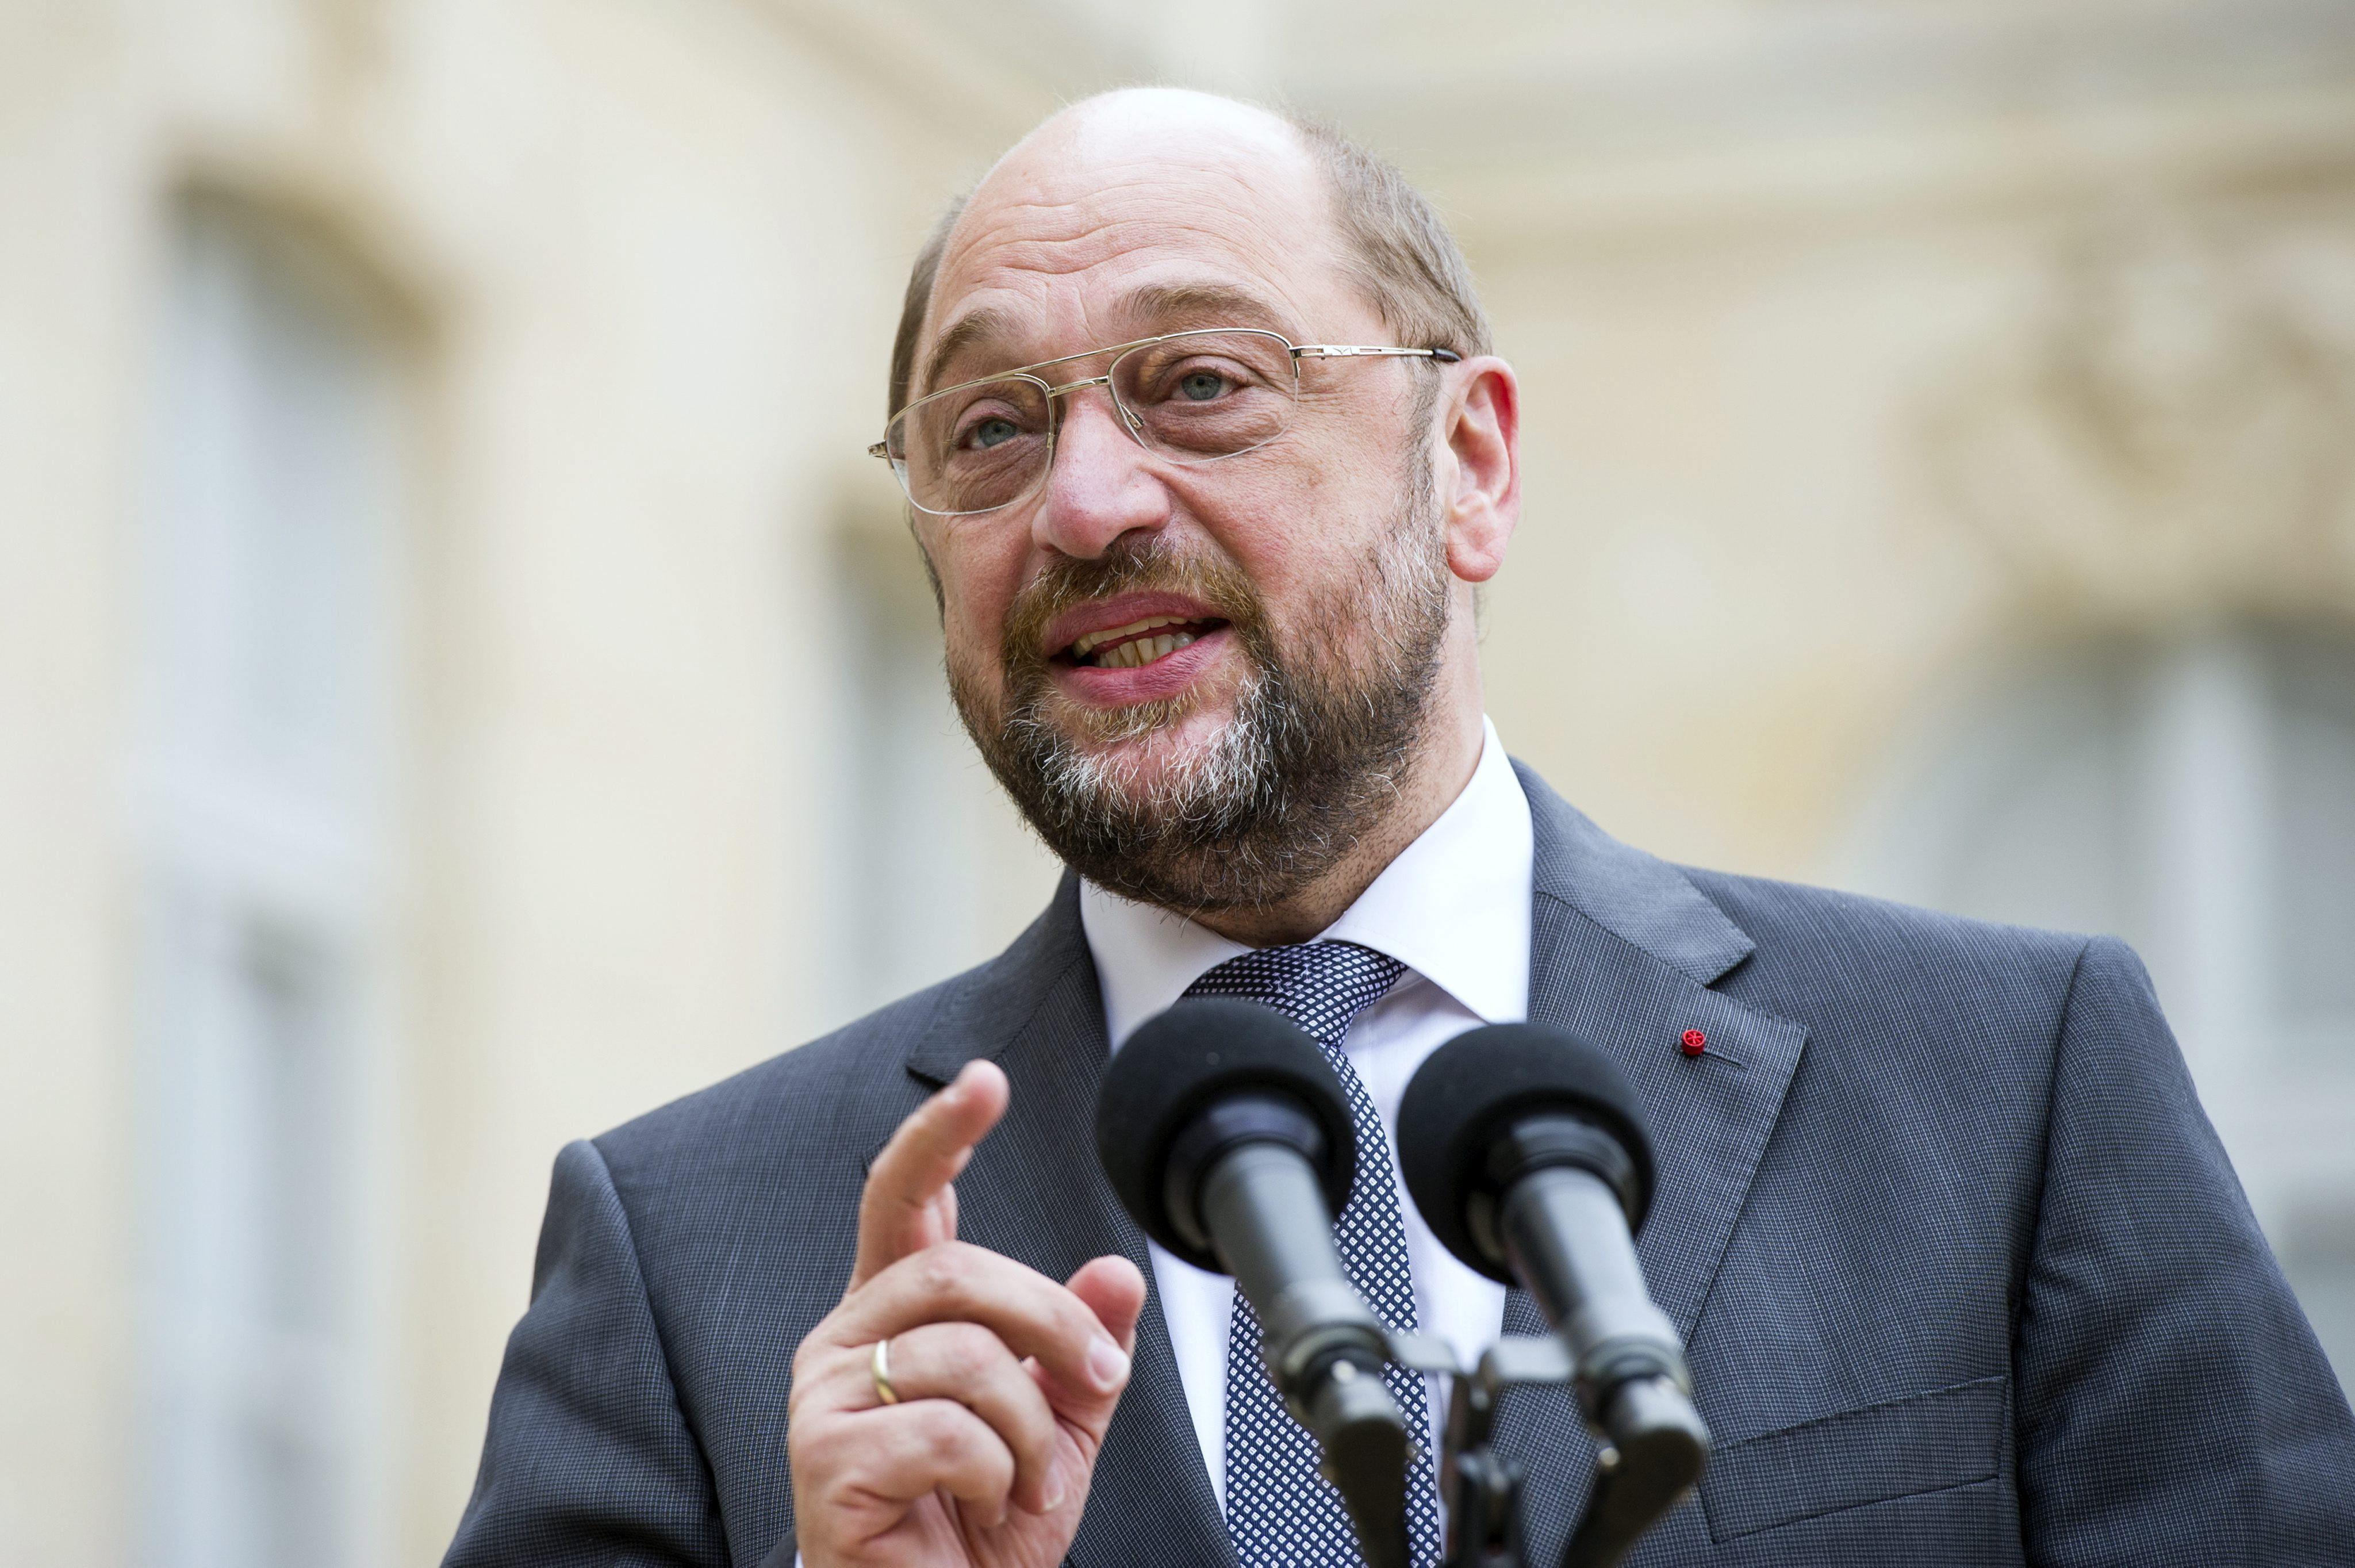 Los socialdemócratas en el PE formalizan su apoyo a Schulz para elecciones